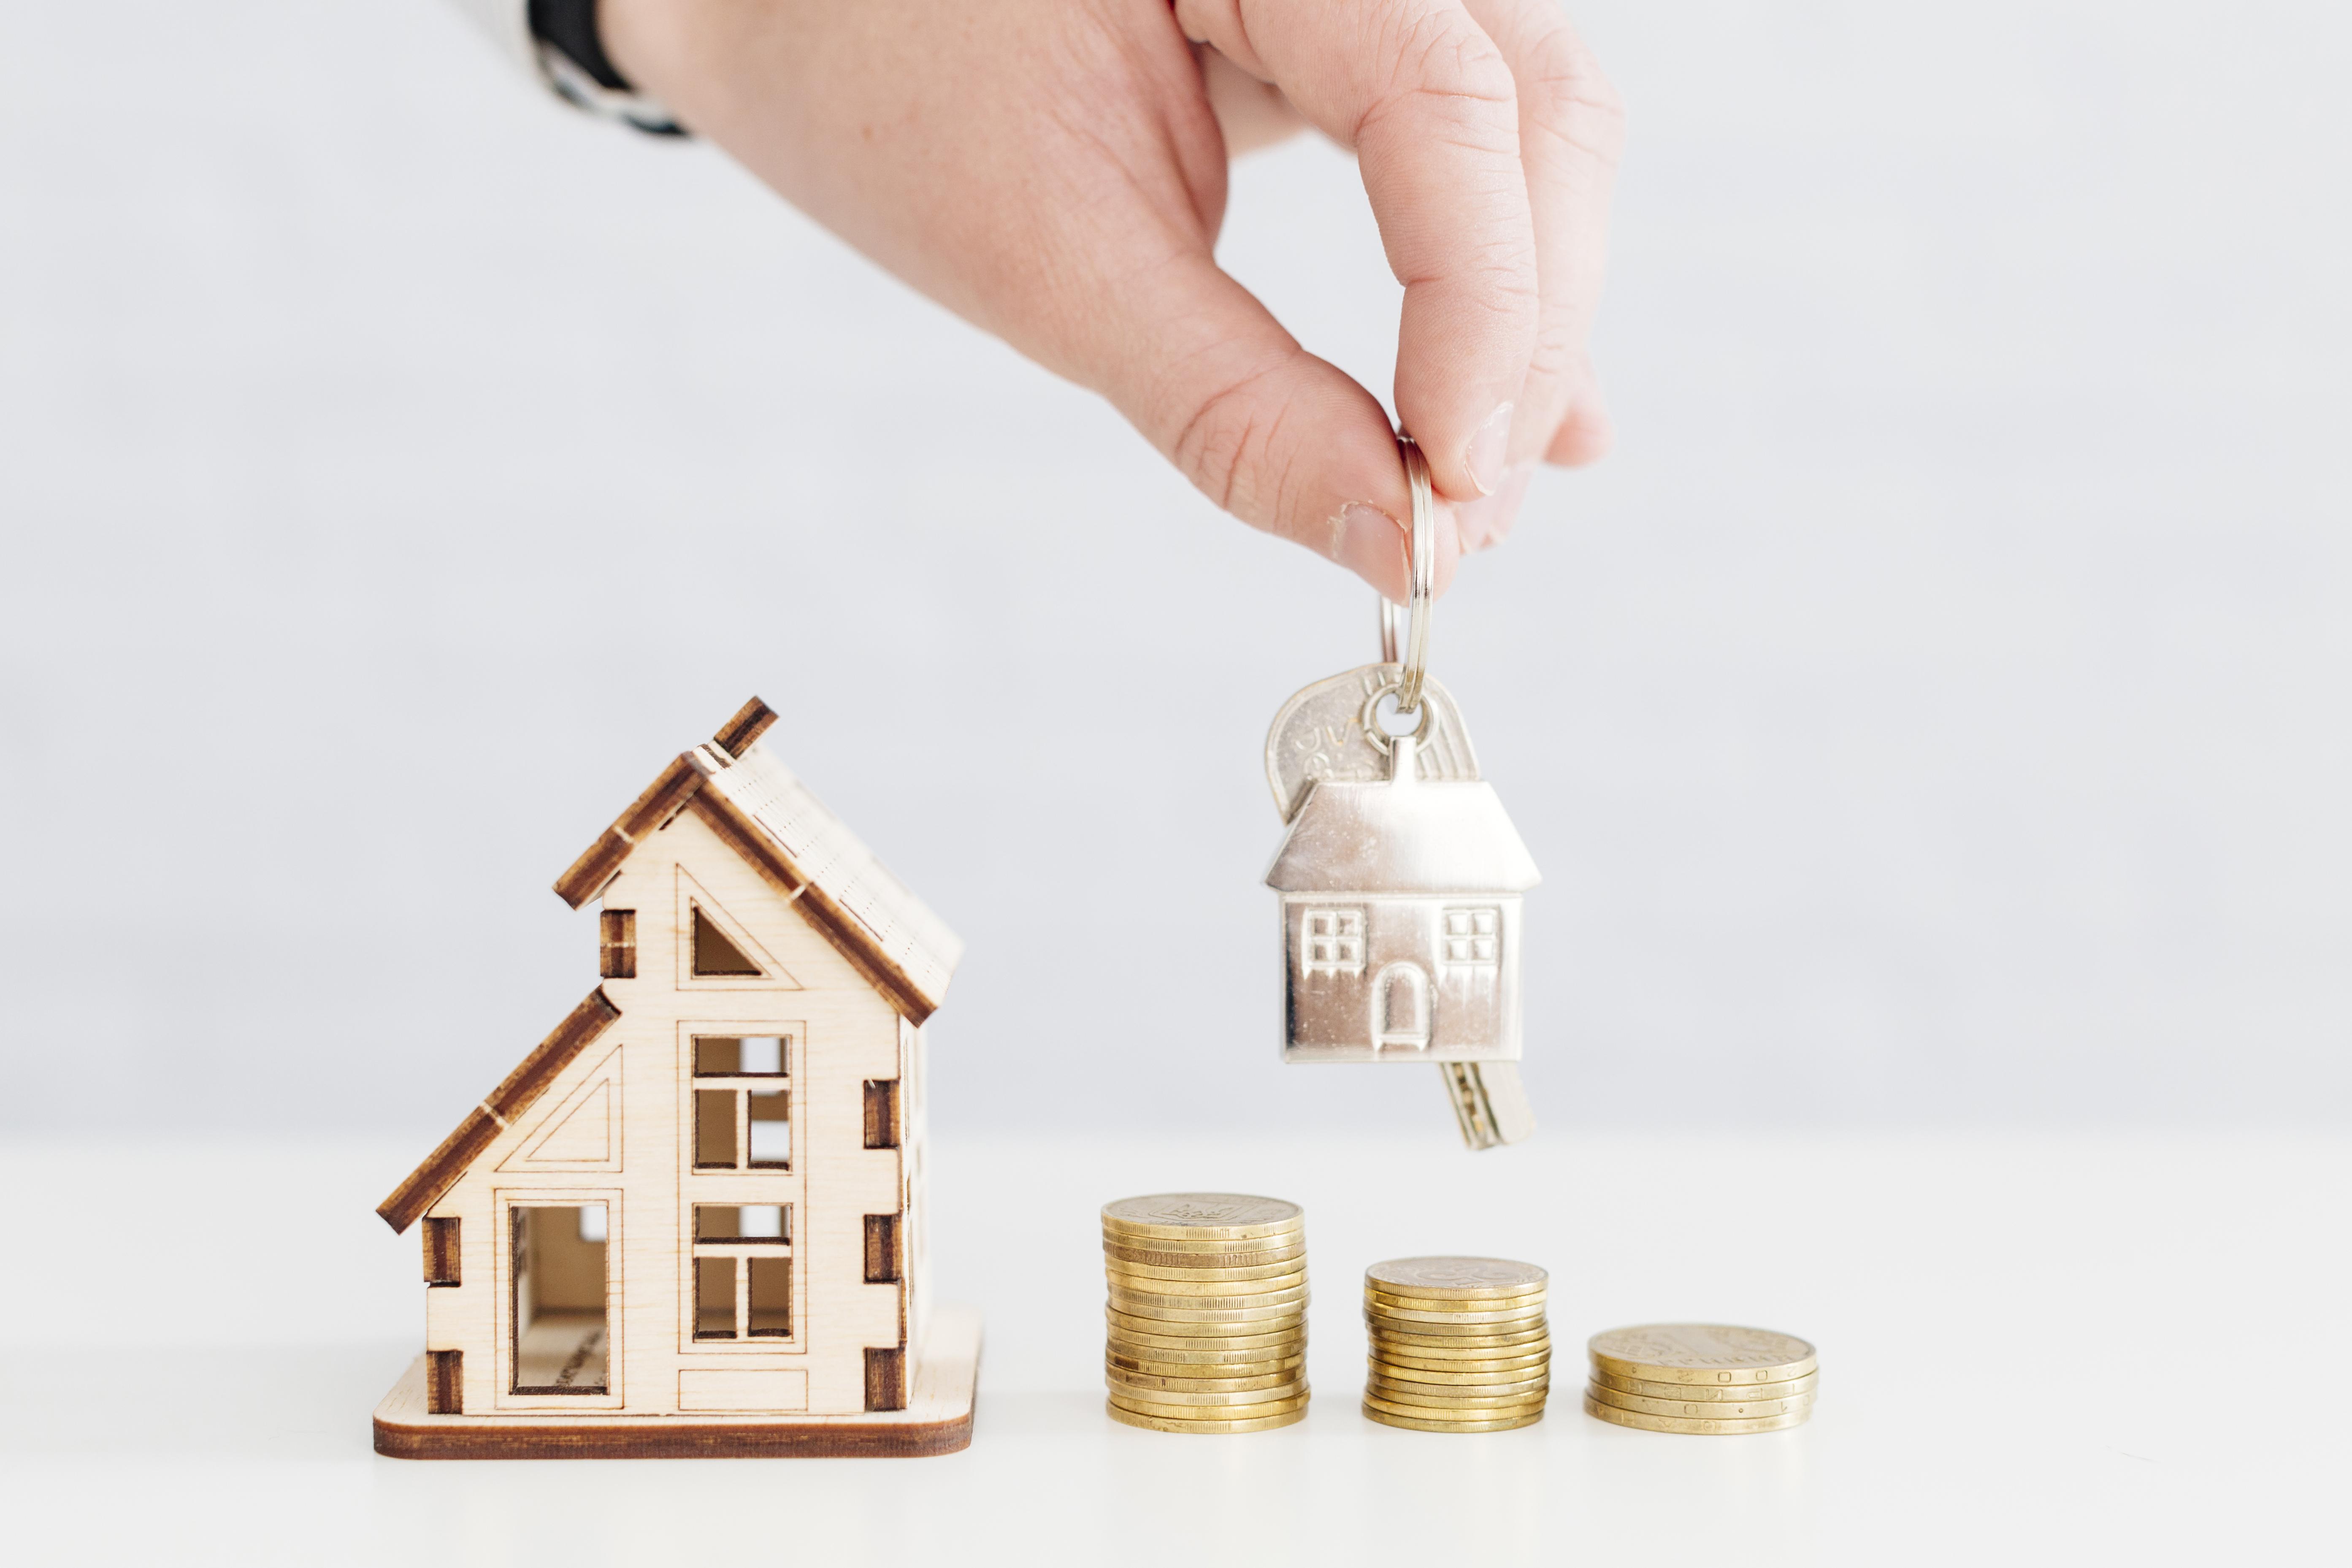 rentabilidad departamentos llaves dinero inversiones